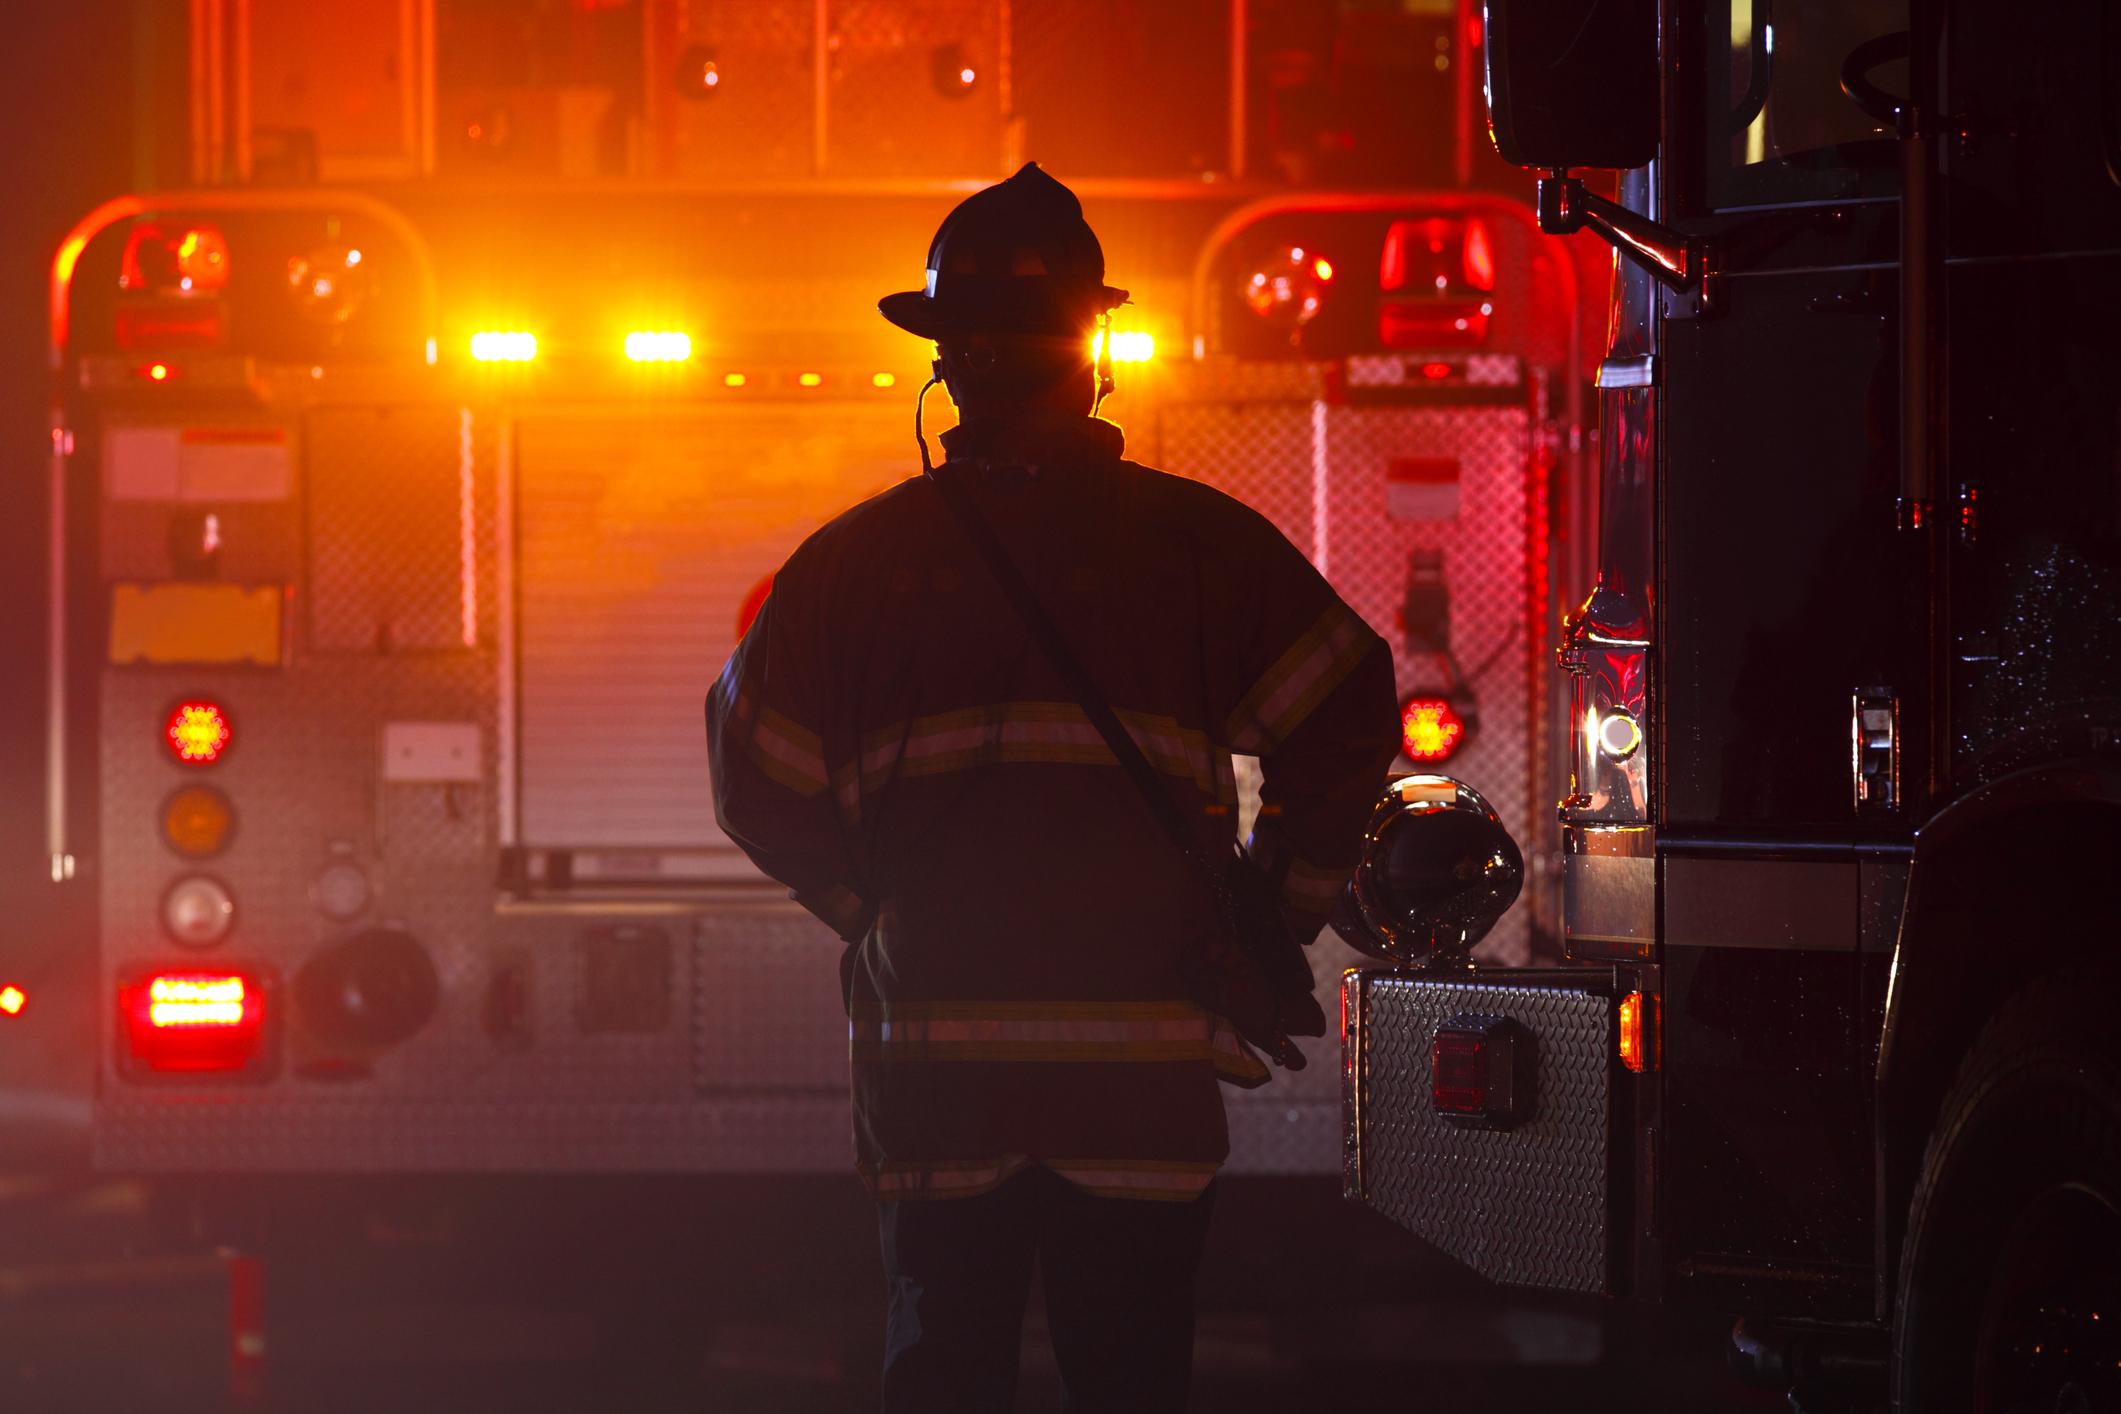 Australian reported among nine dead in Ukraine hotel fire